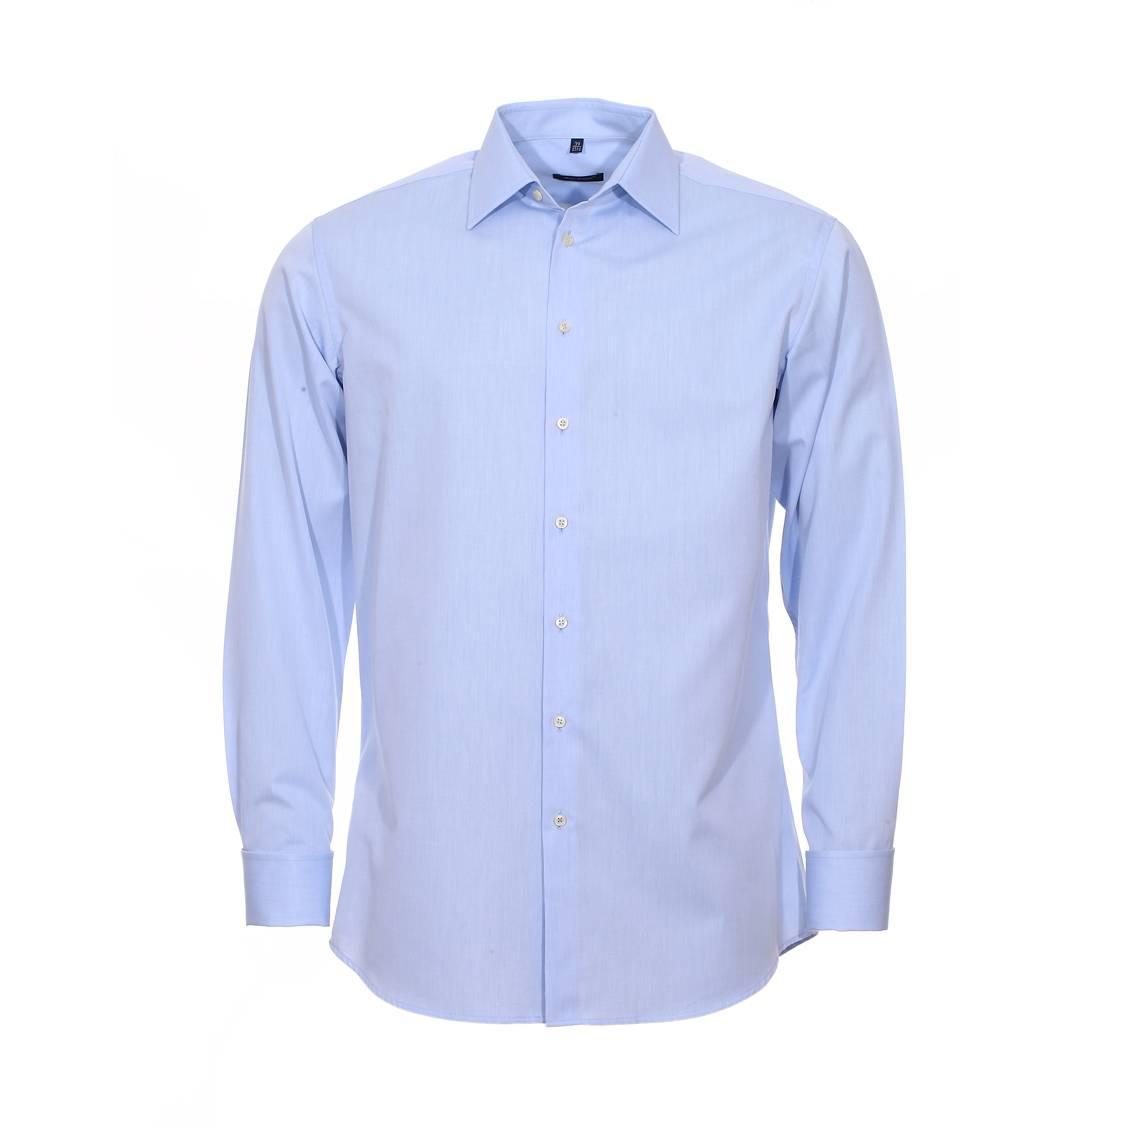 Chemise manches longues, droite  en coton bleu ciel